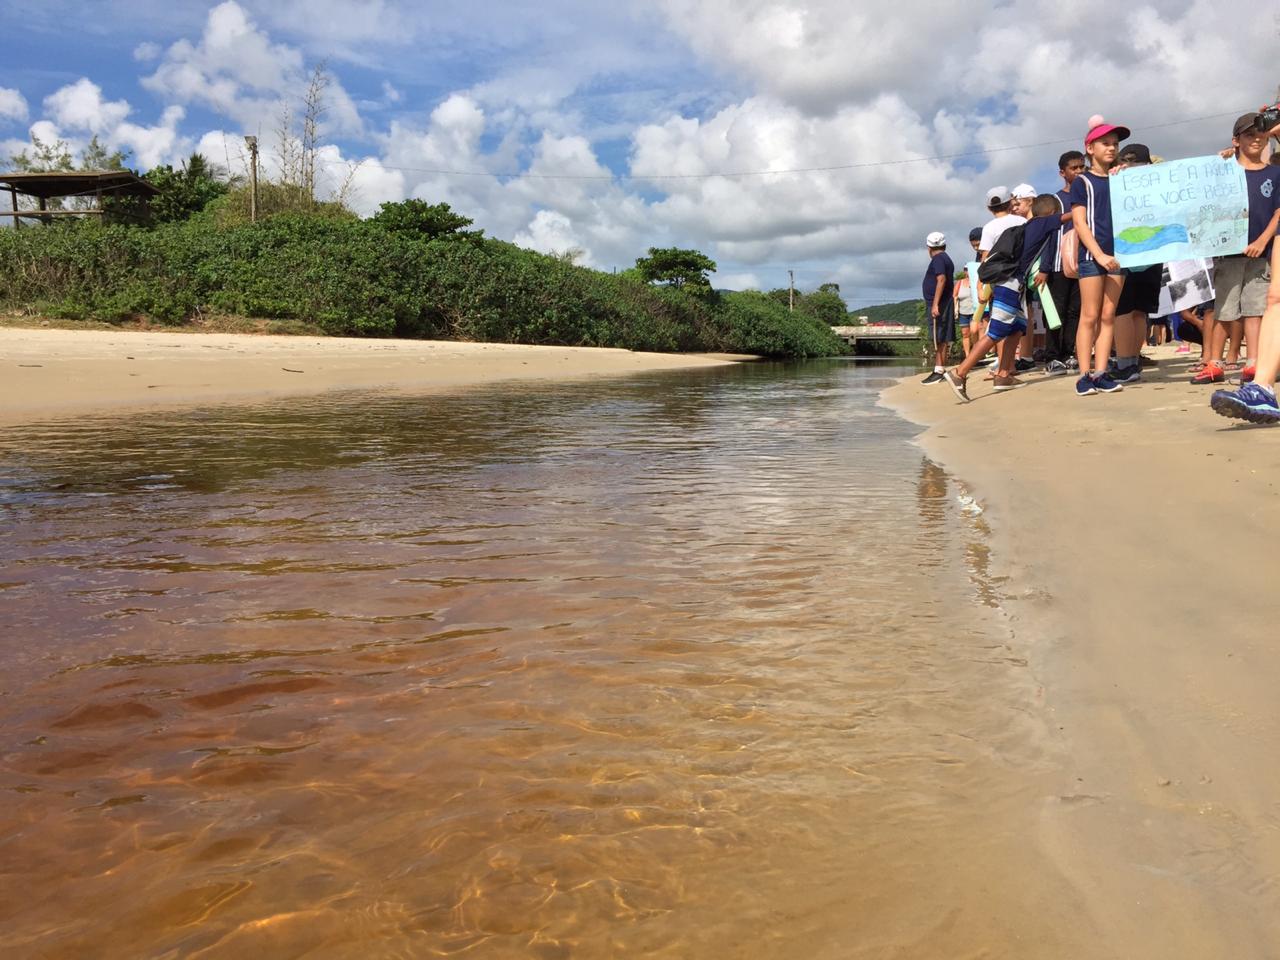 Associação remarca para a próxima semana 'Abraço Simbólico ao Rio Capivari' - Jornal Conexão Comunidade